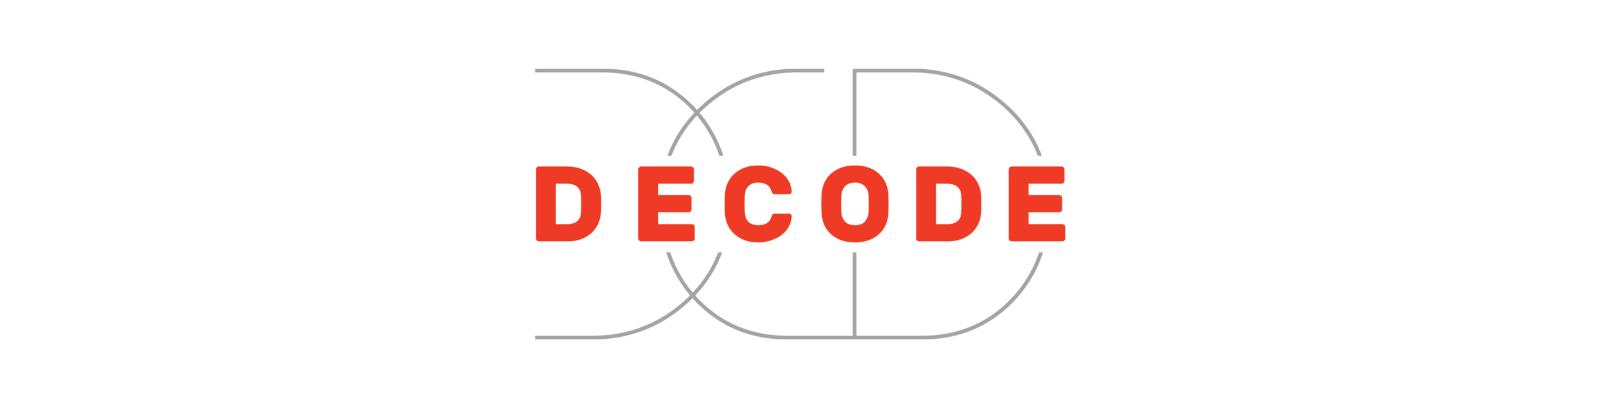 Decode_logo_CMYK.png